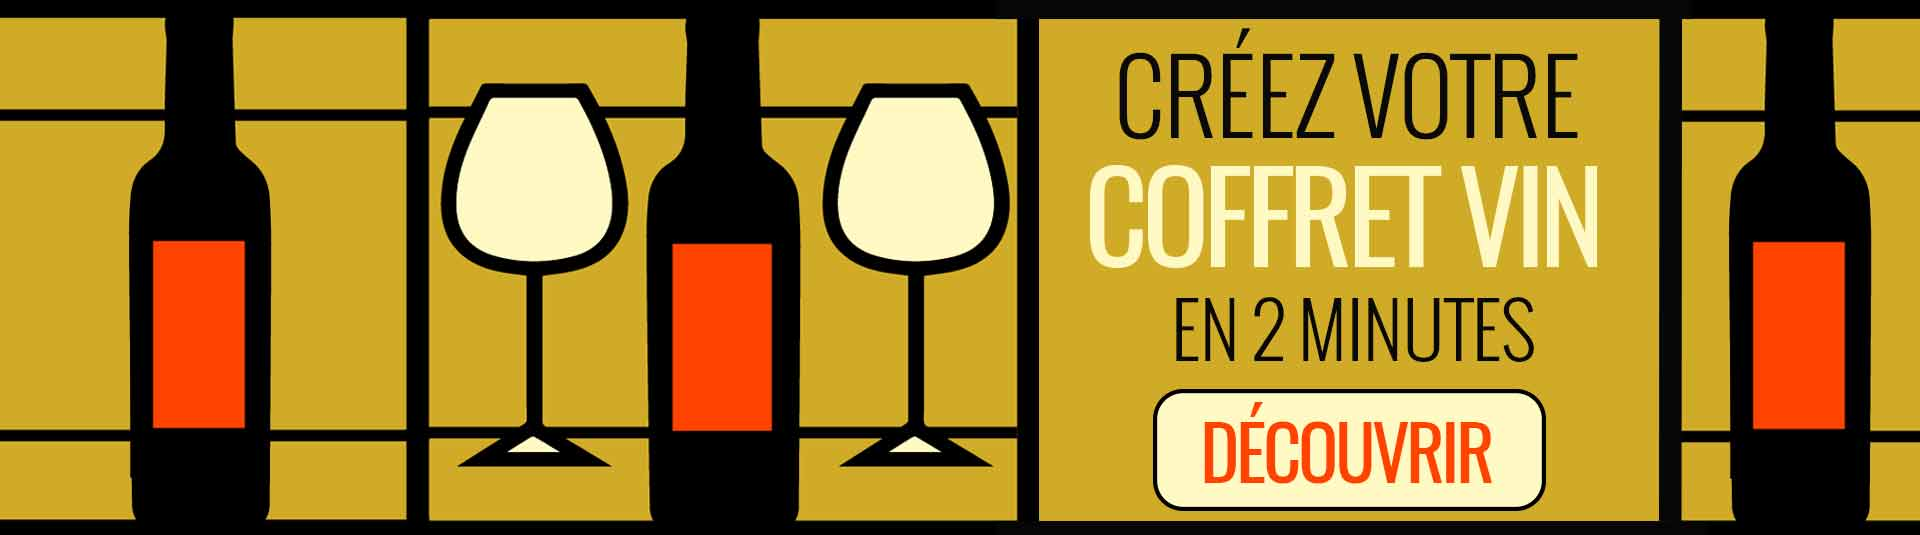 Créez vous-même votre coffret vin